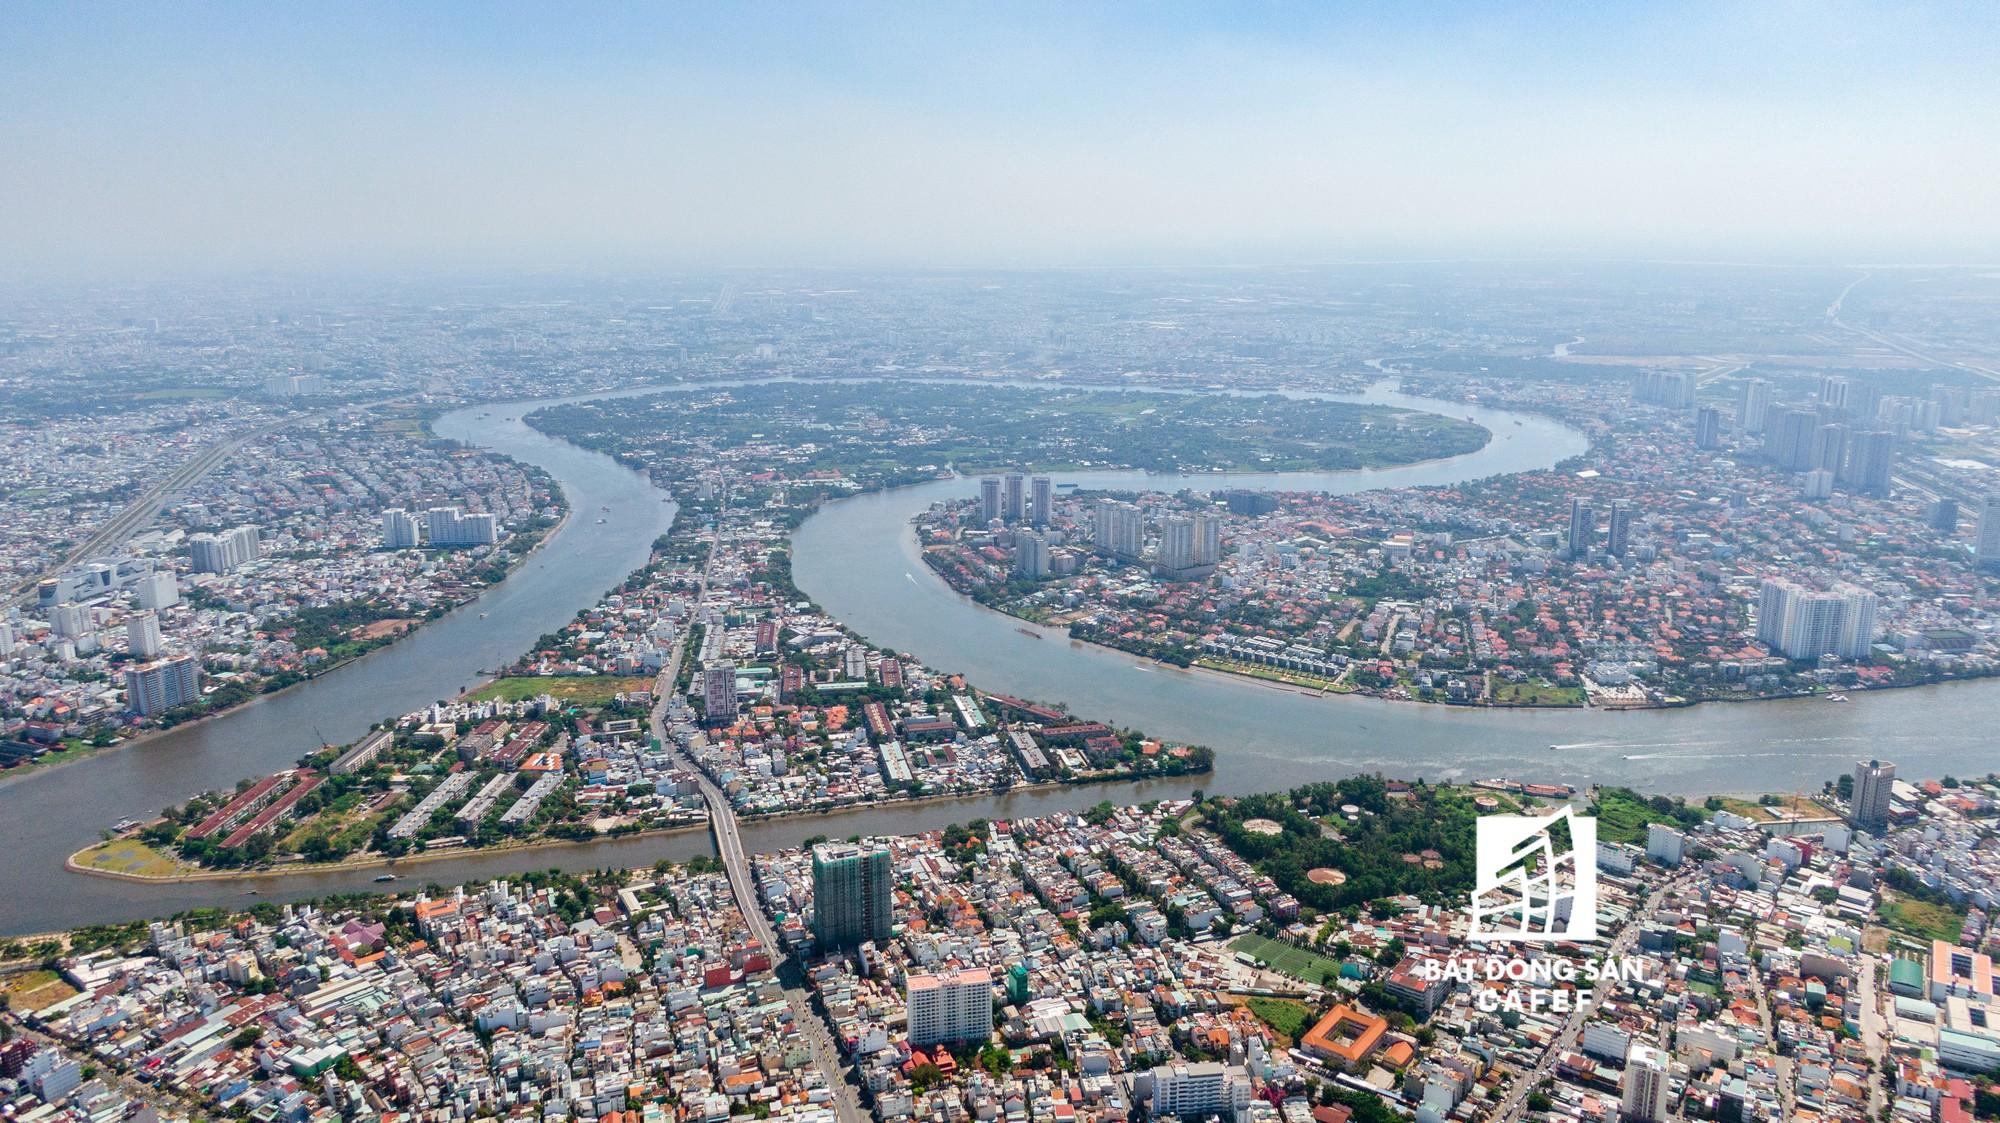 Nhà giàu cũng khóc trong những khu biệt thự sang chảnh bậc nhất Sài Gòn-26